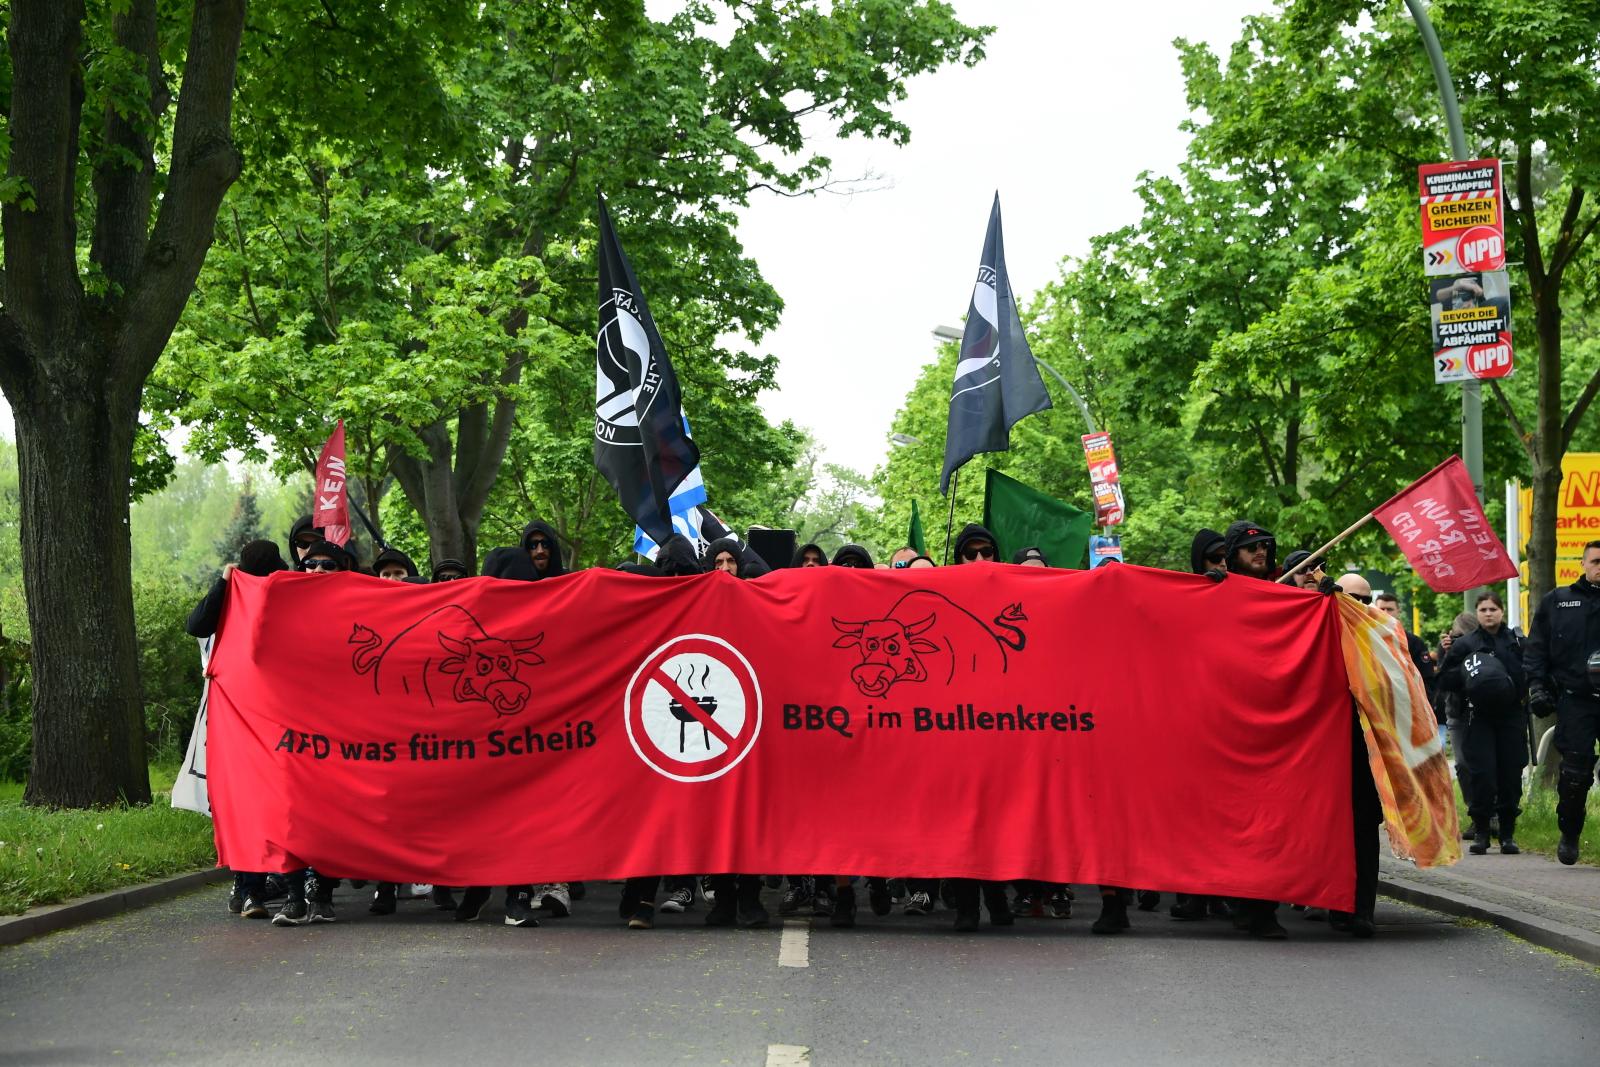 Święto Pracy w Niemczech EPA/CLEMENS BILAN